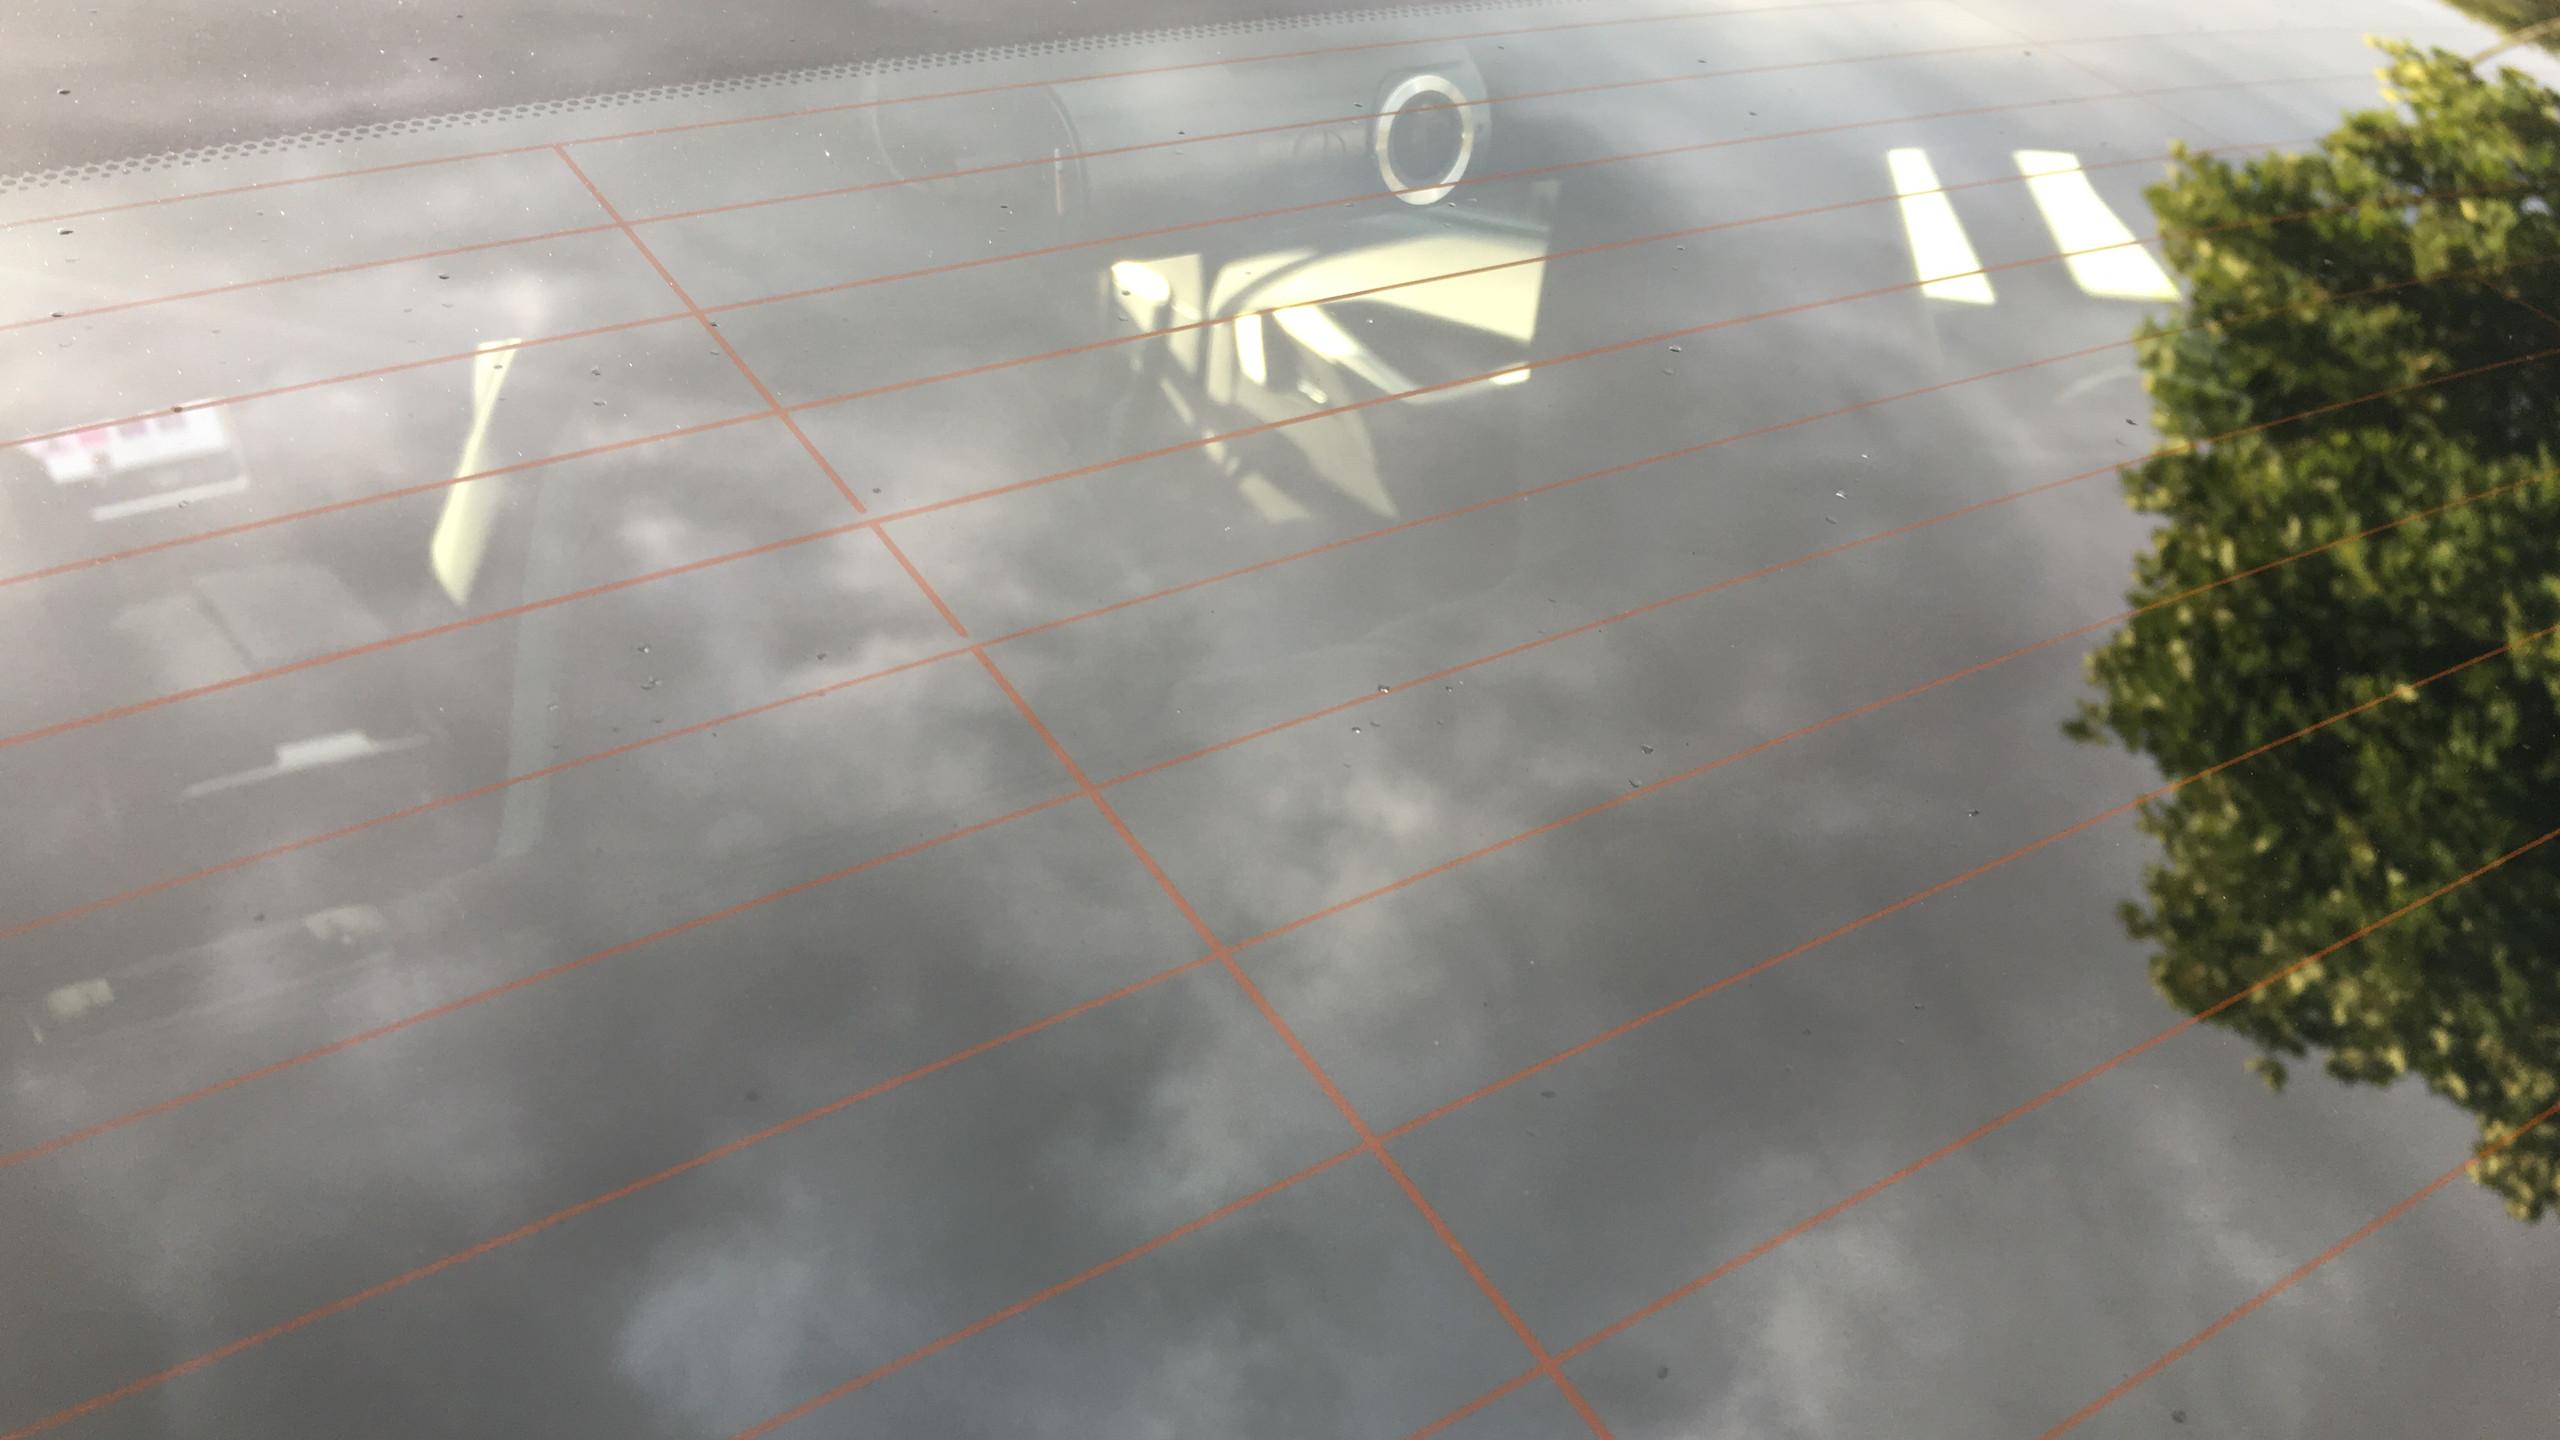 Goluk dashcam installer Sheffield South Yorkshire